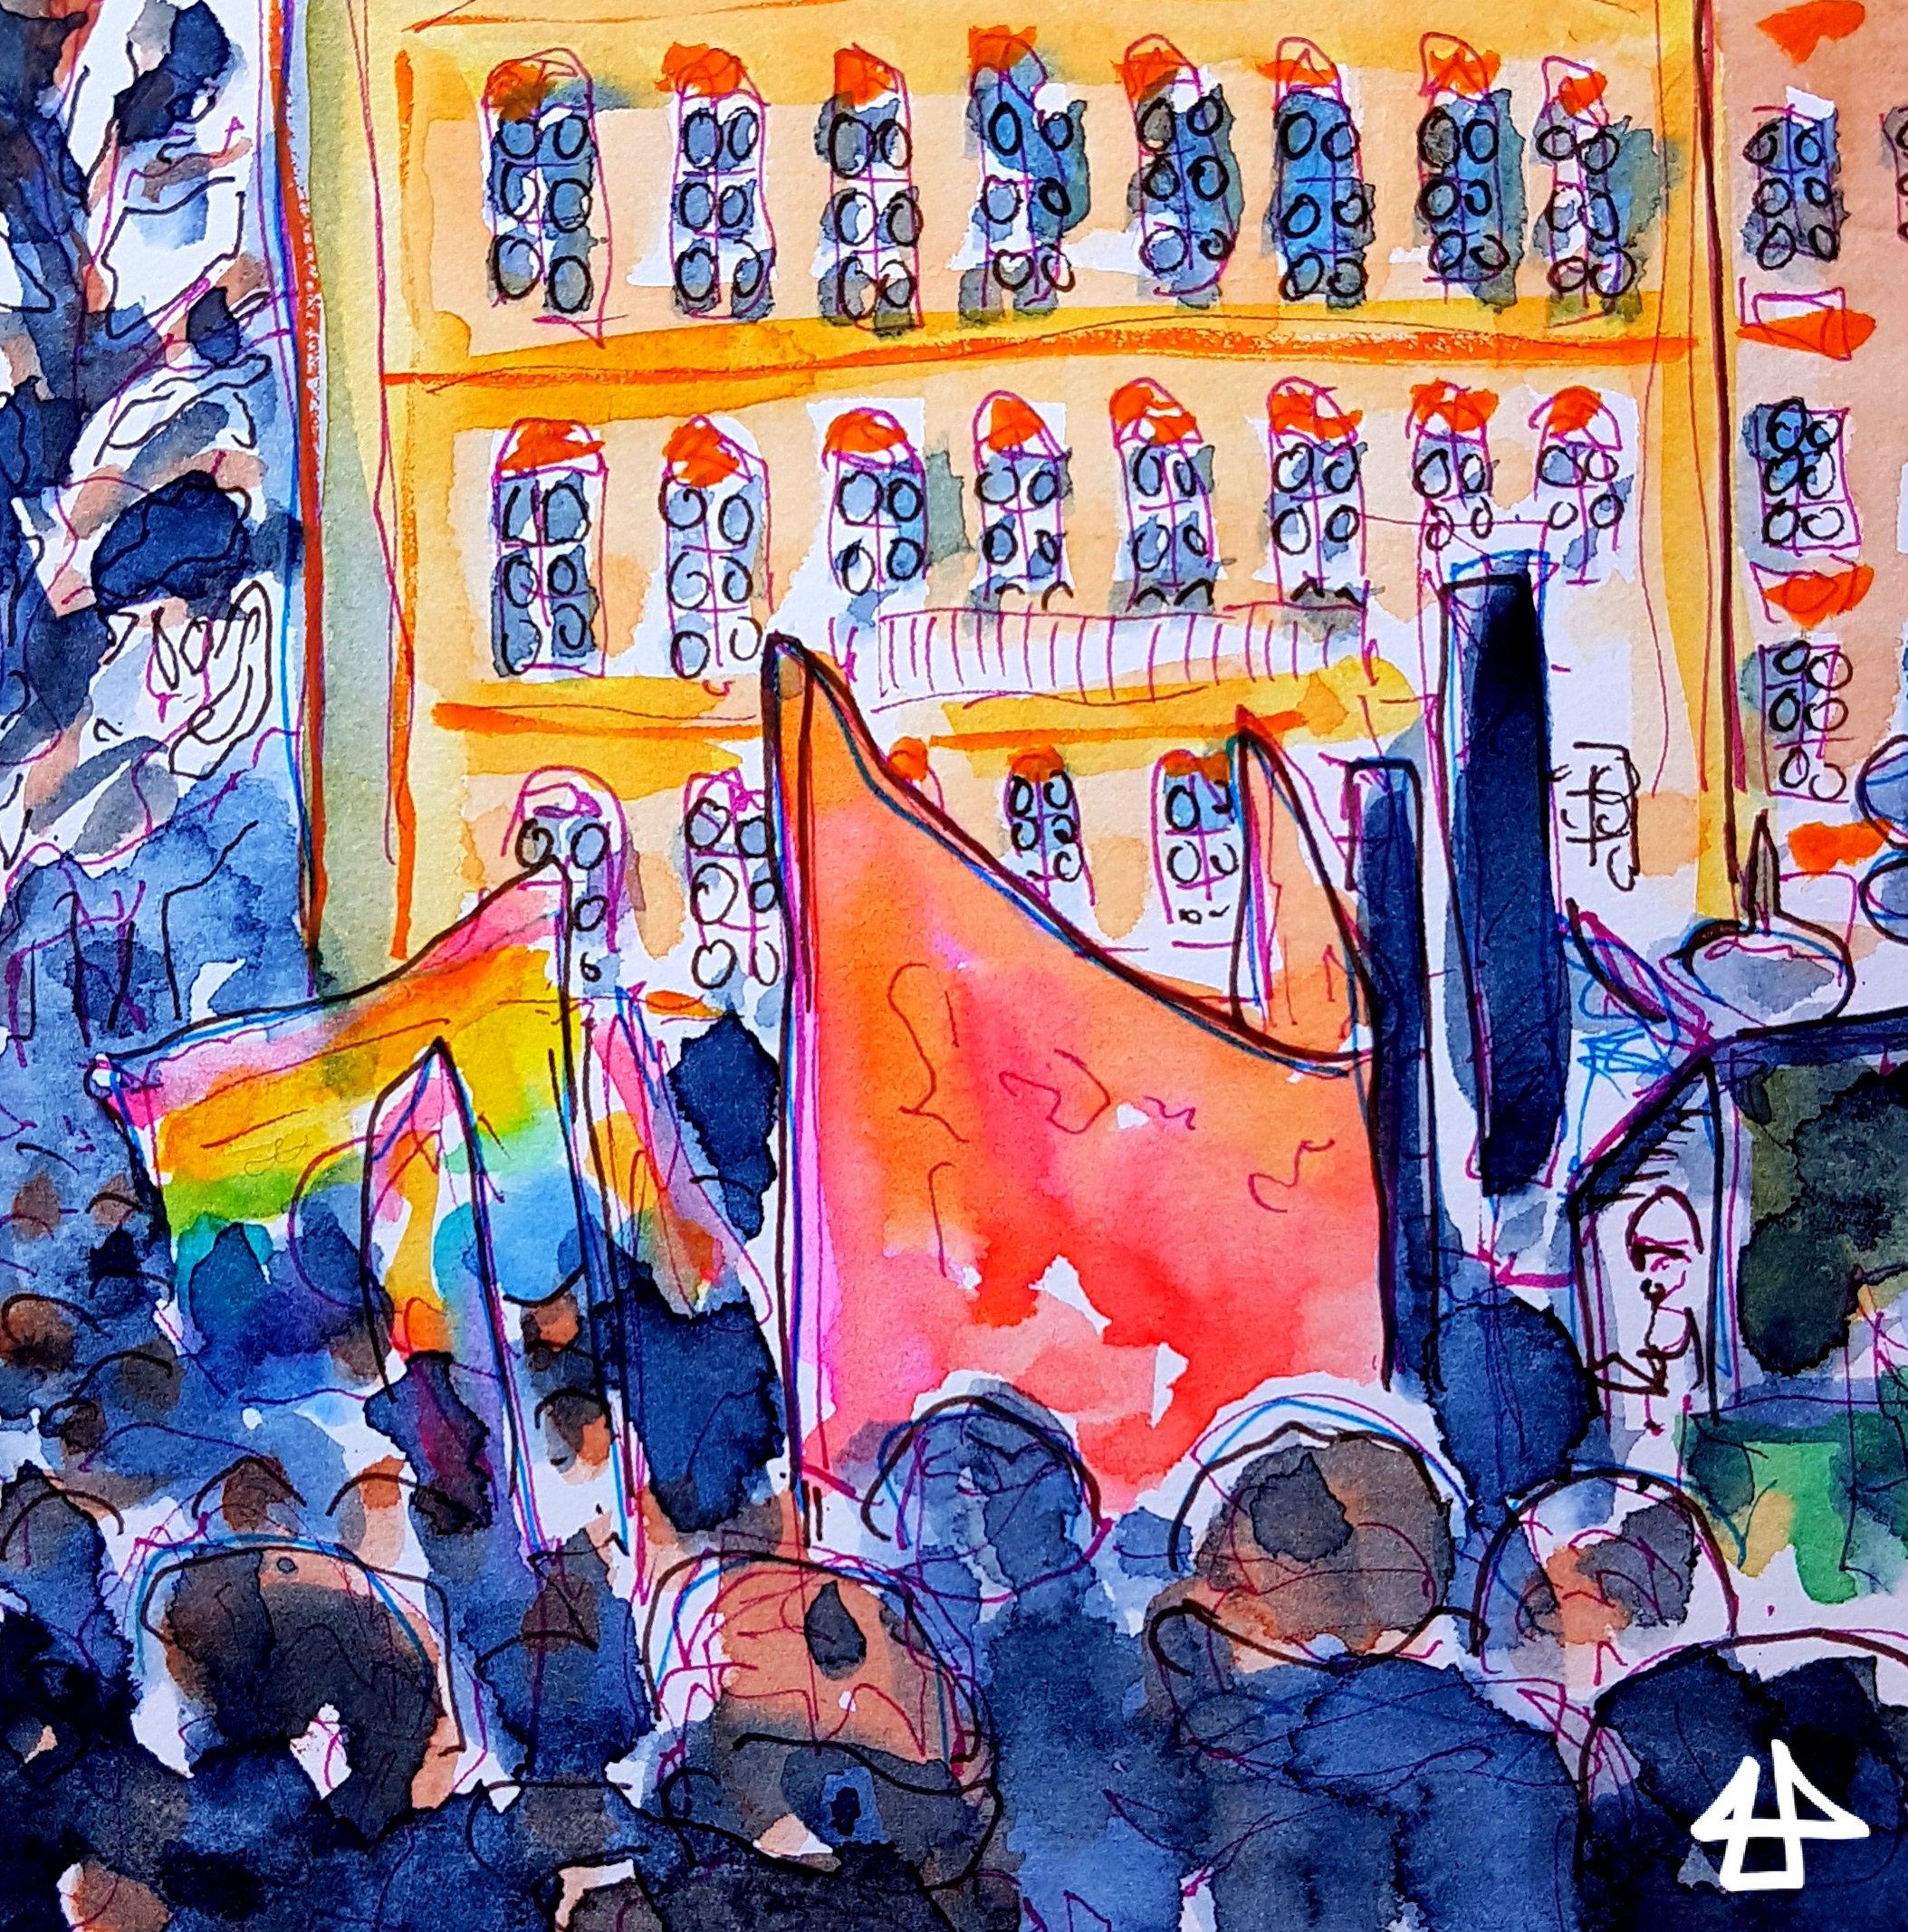 Kolorierte Finelinerzeichnung einer Demonstation, im Hintergrund Häuser des Münchner Marienplatz, im Vordergrund eine Menschenmenge, Regenbogenfahnen und ein großes rotes Transparent von der Rückseite.